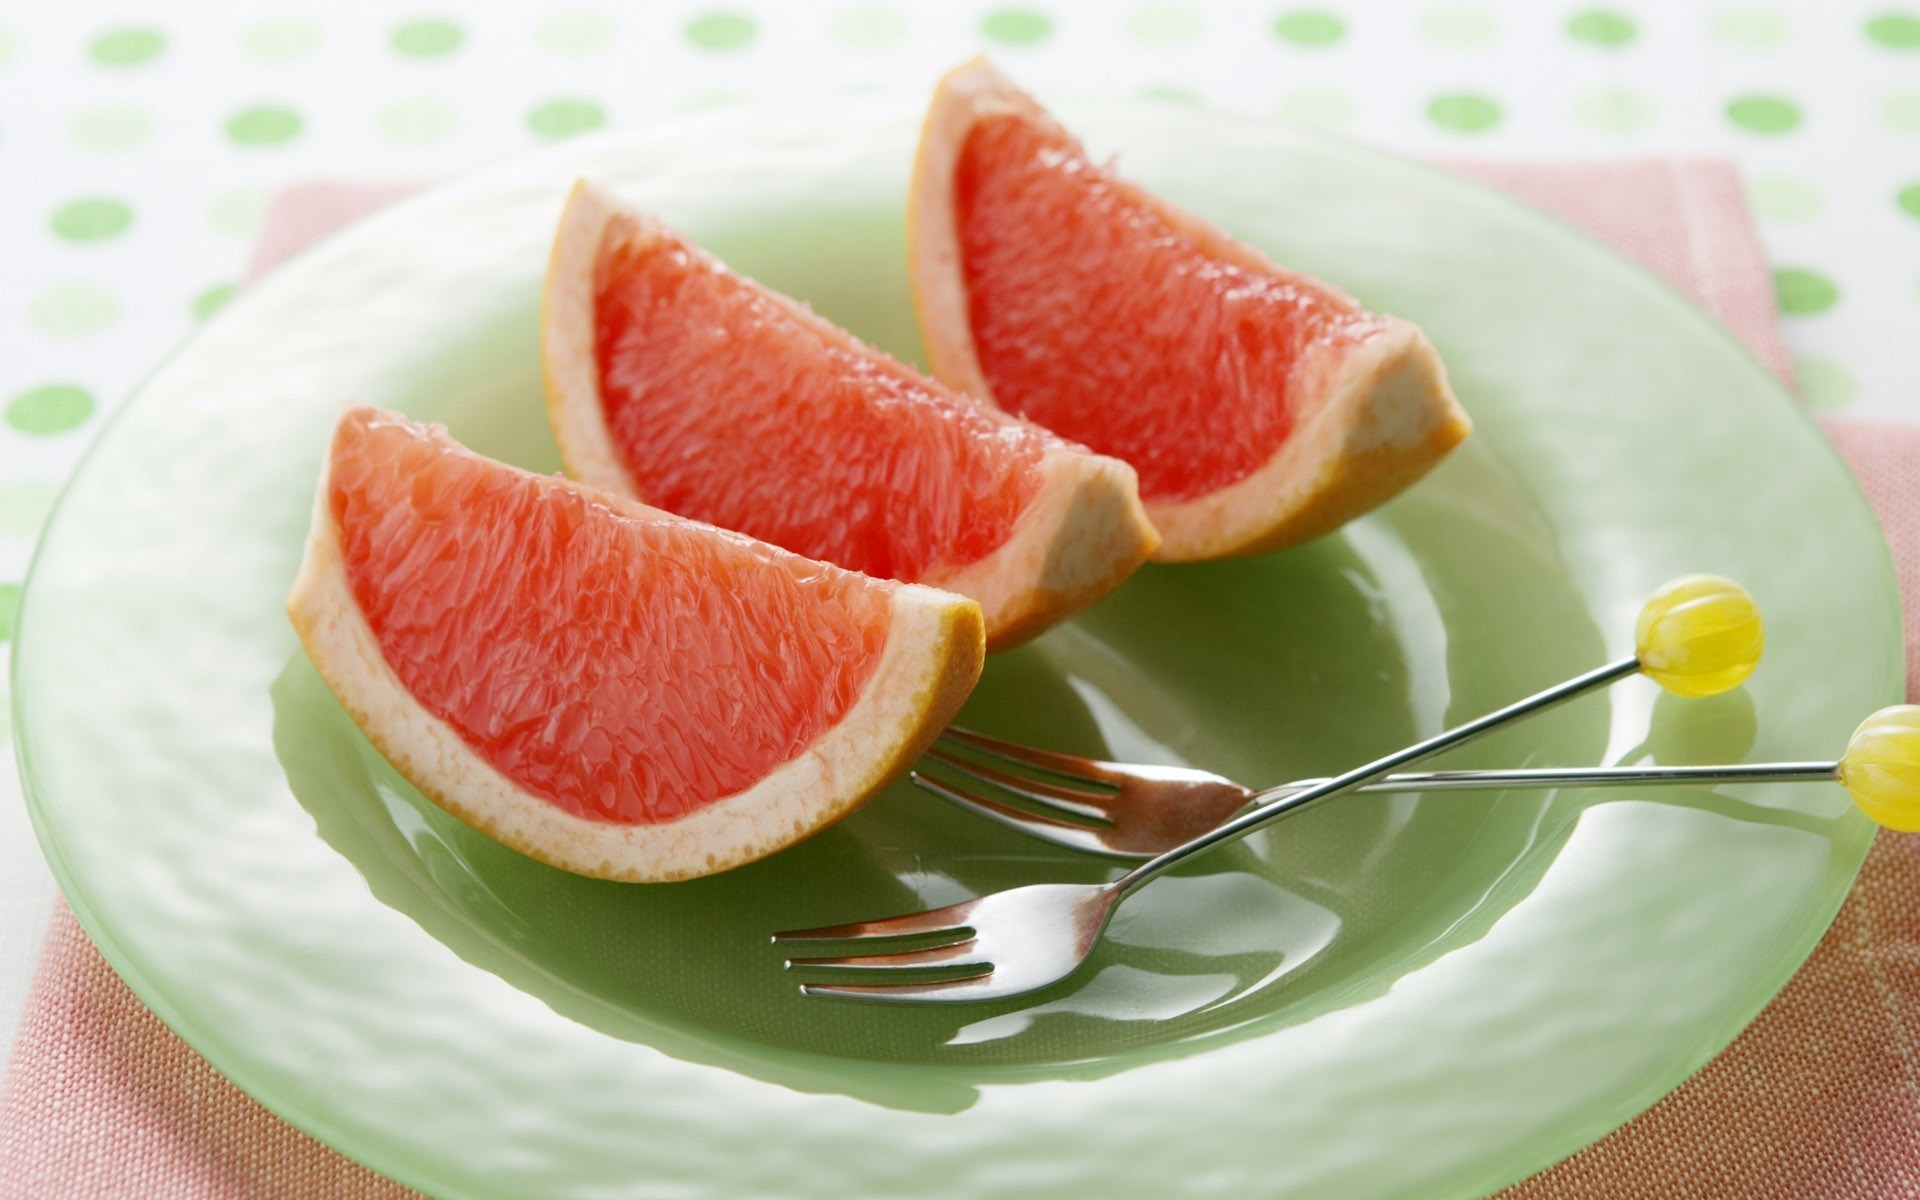 food-fruit-grapefruit-hd-wallpaper